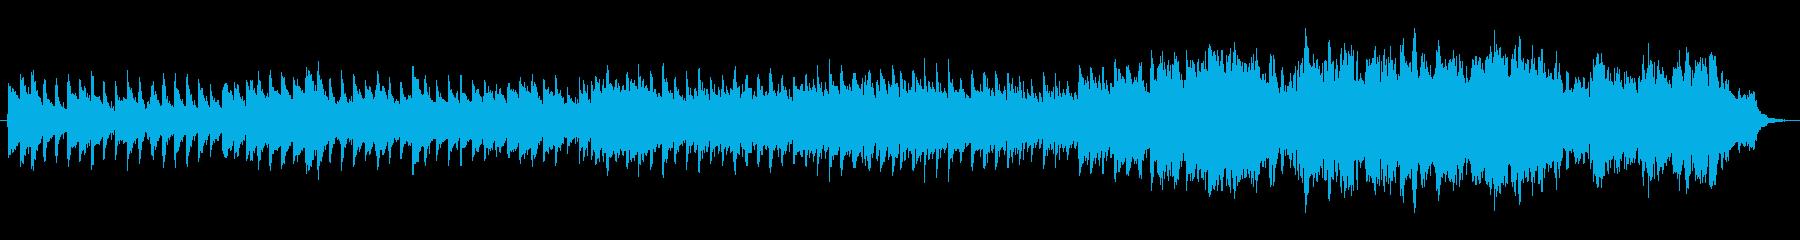 ショパンの風のハープの幻想曲です。の再生済みの波形